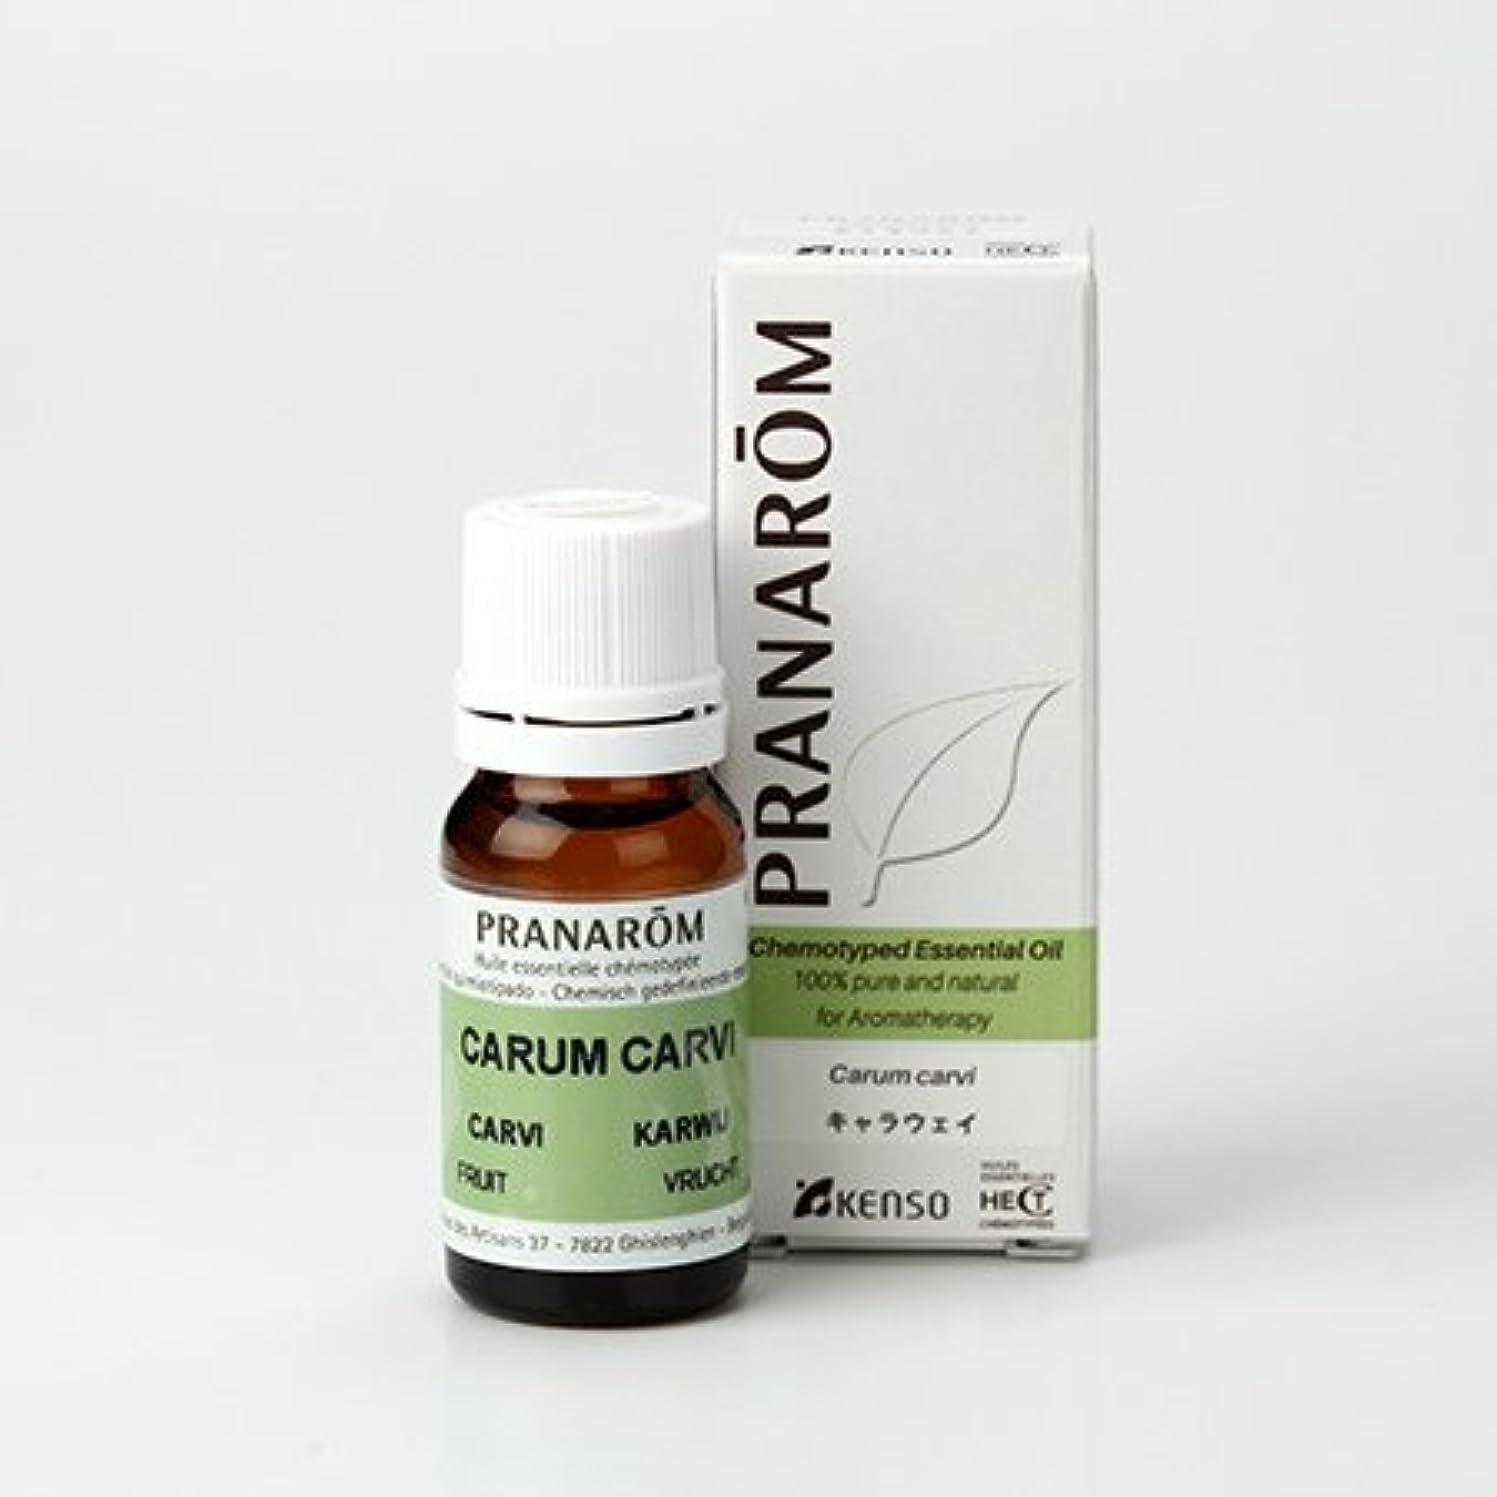 剃る解任カルシウムプラナロム キャラウェイ 10ml (PRANAROM ケモタイプ精油)